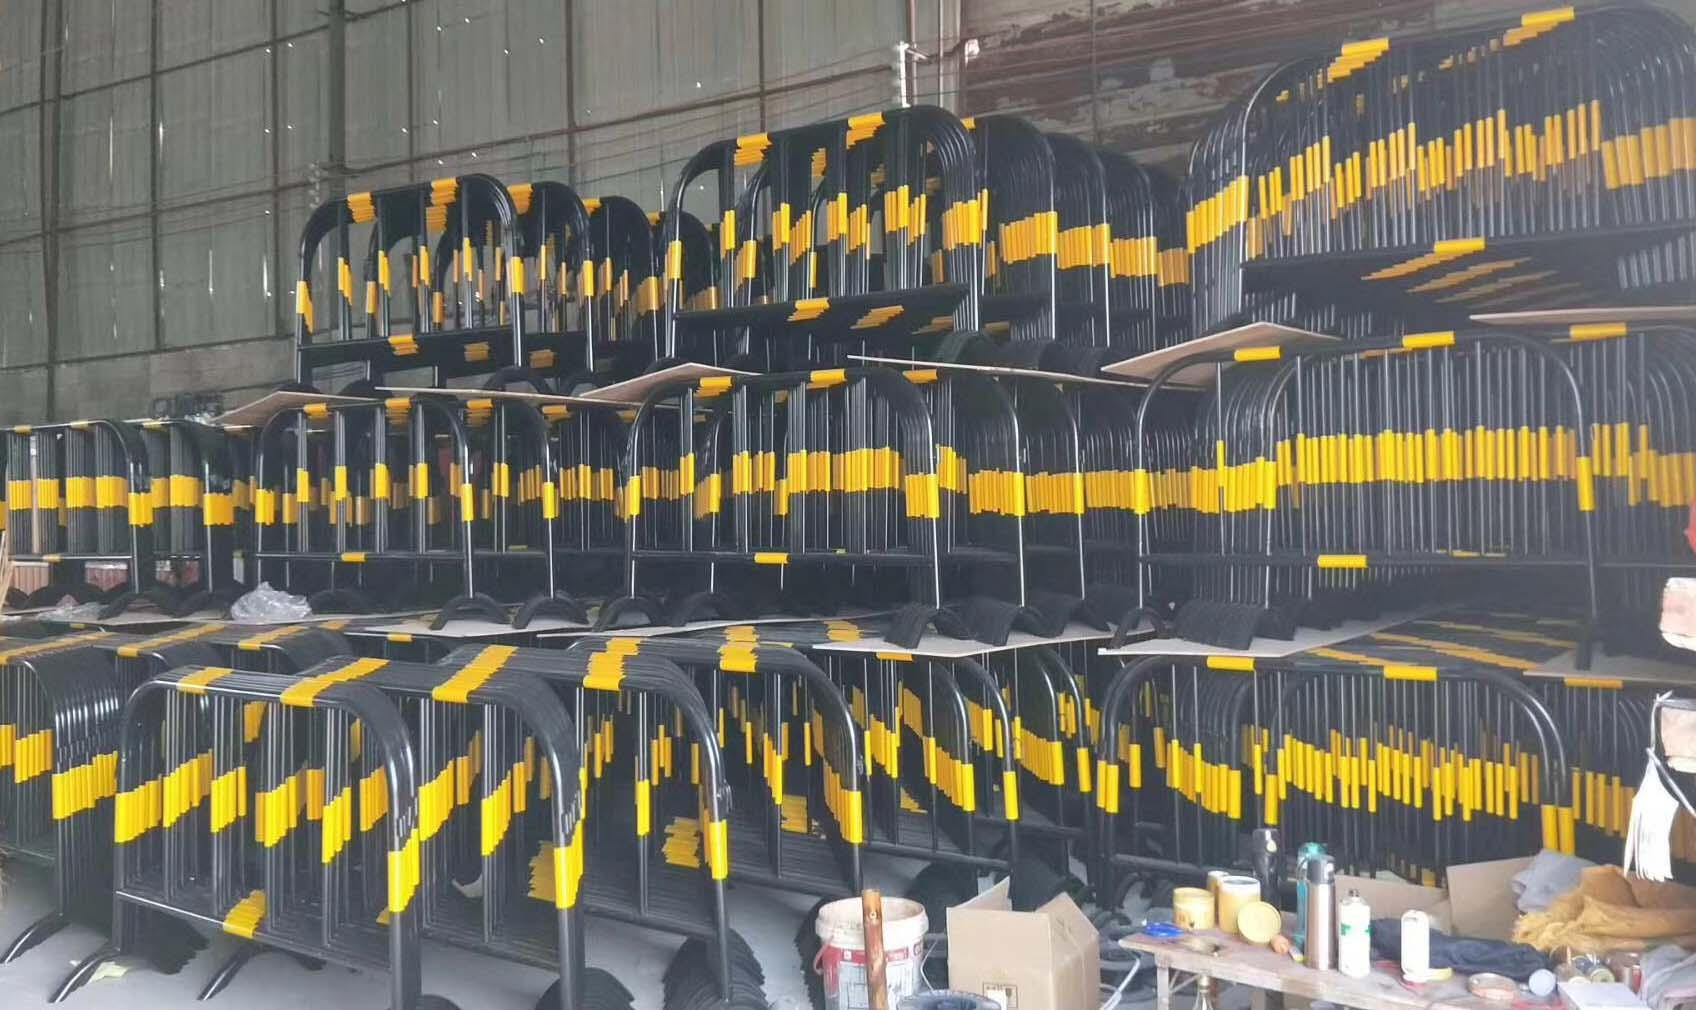 百色铁马护栏厂家-大量供应高性价广西铁马护栏